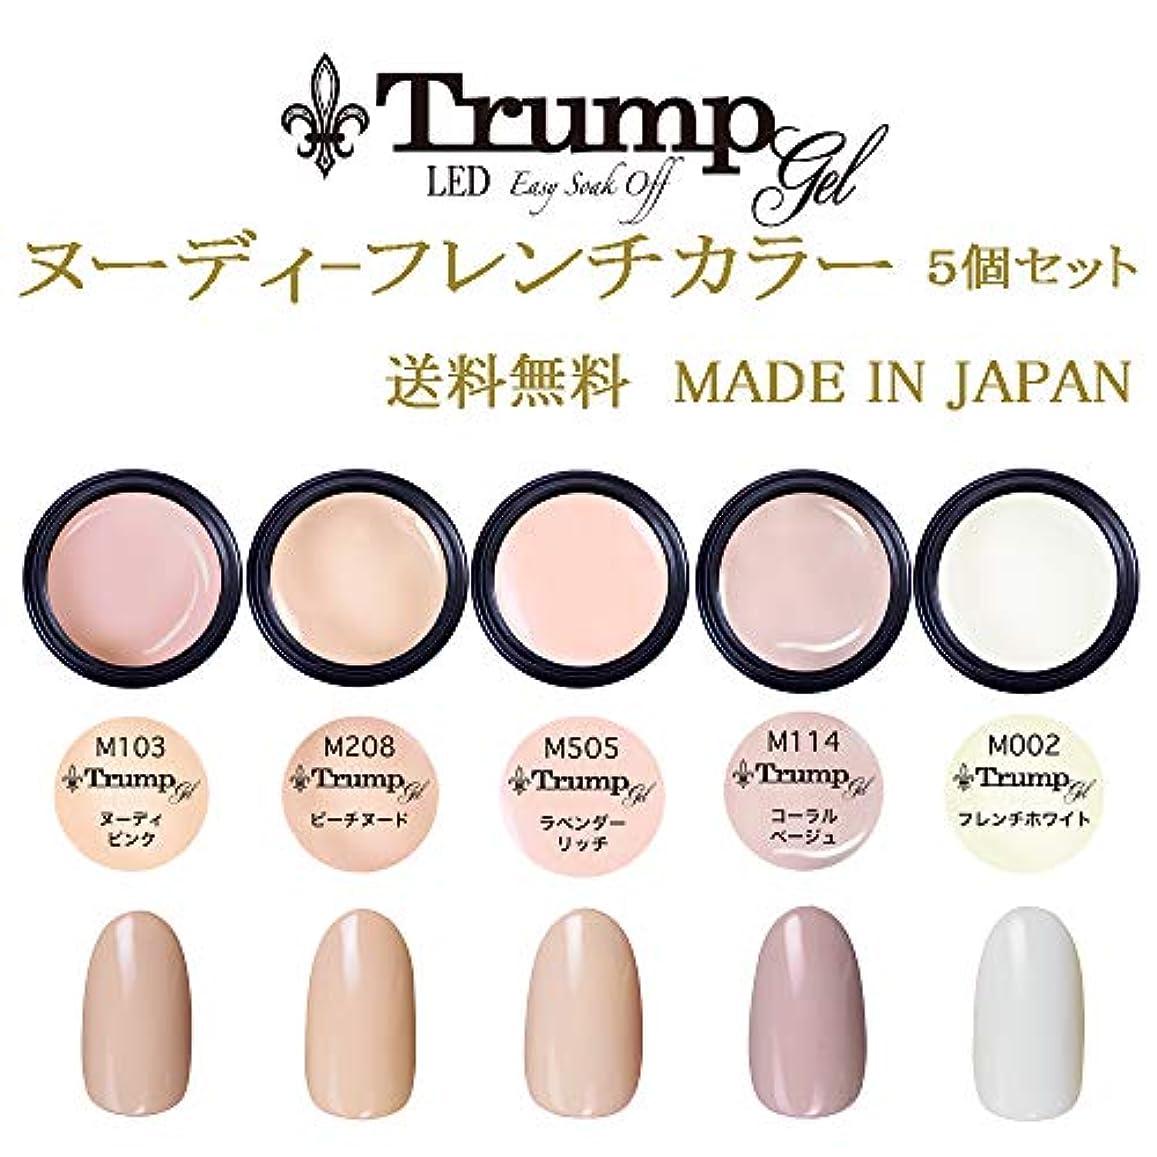 キャンパスなめらかなミット【送料無料】日本製 Trump gel トランプジェルヌーディフレンチカラージェル 5個セット 肌馴染みの良い ヌーデイフレンチカラージェルセット